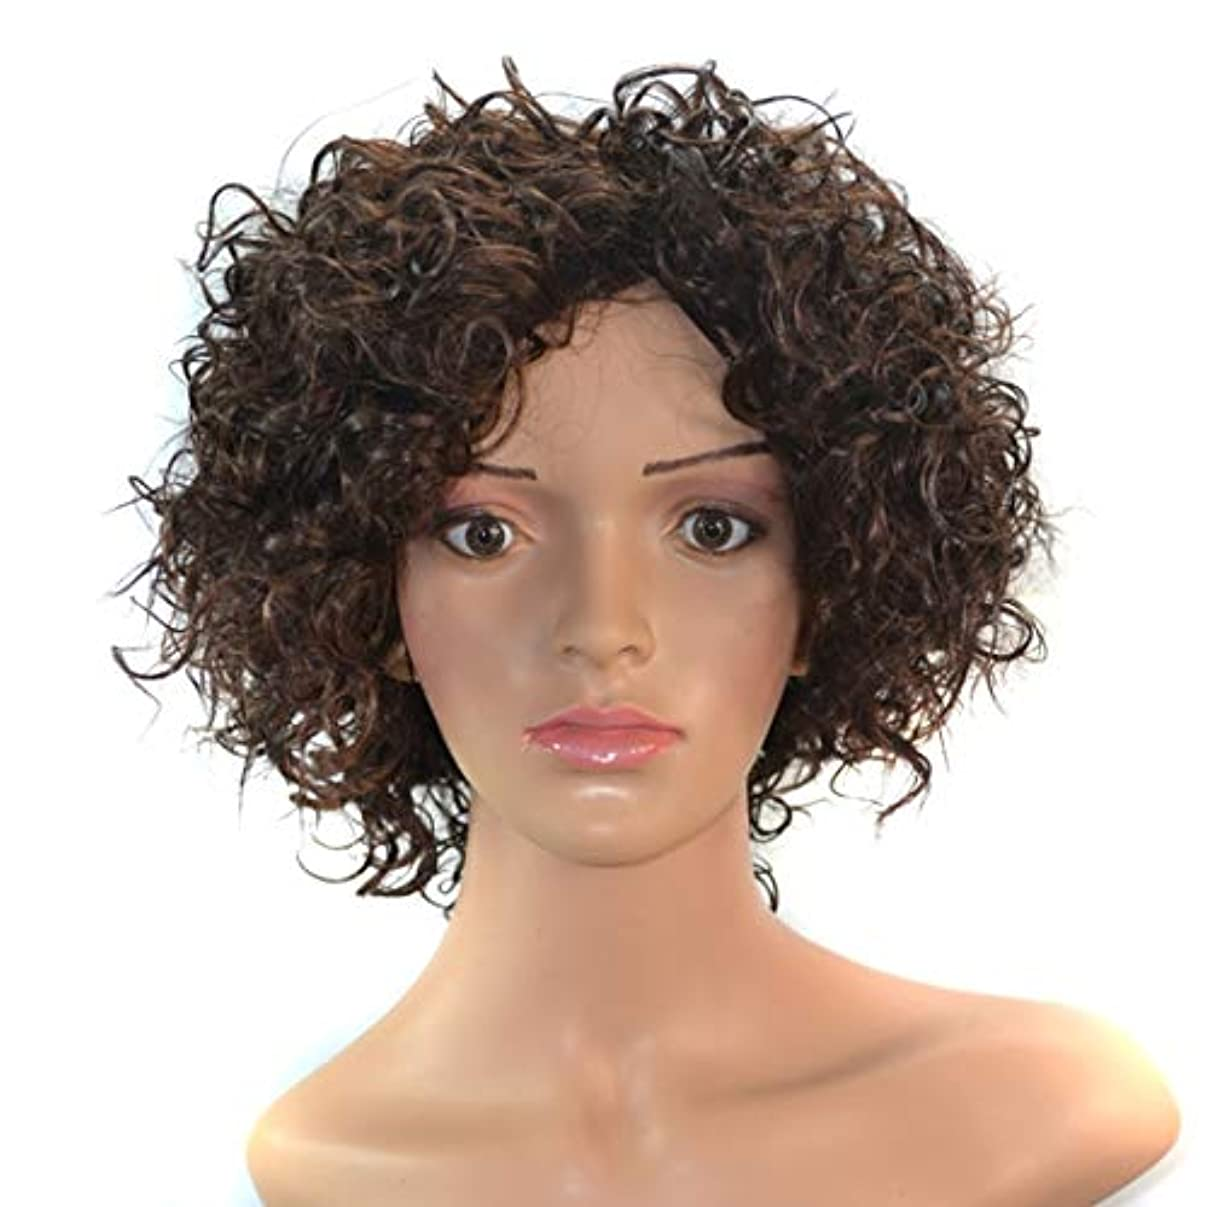 だます吹きさらし偏見YOUQIU 女性の自然な人工毛かつらのための14